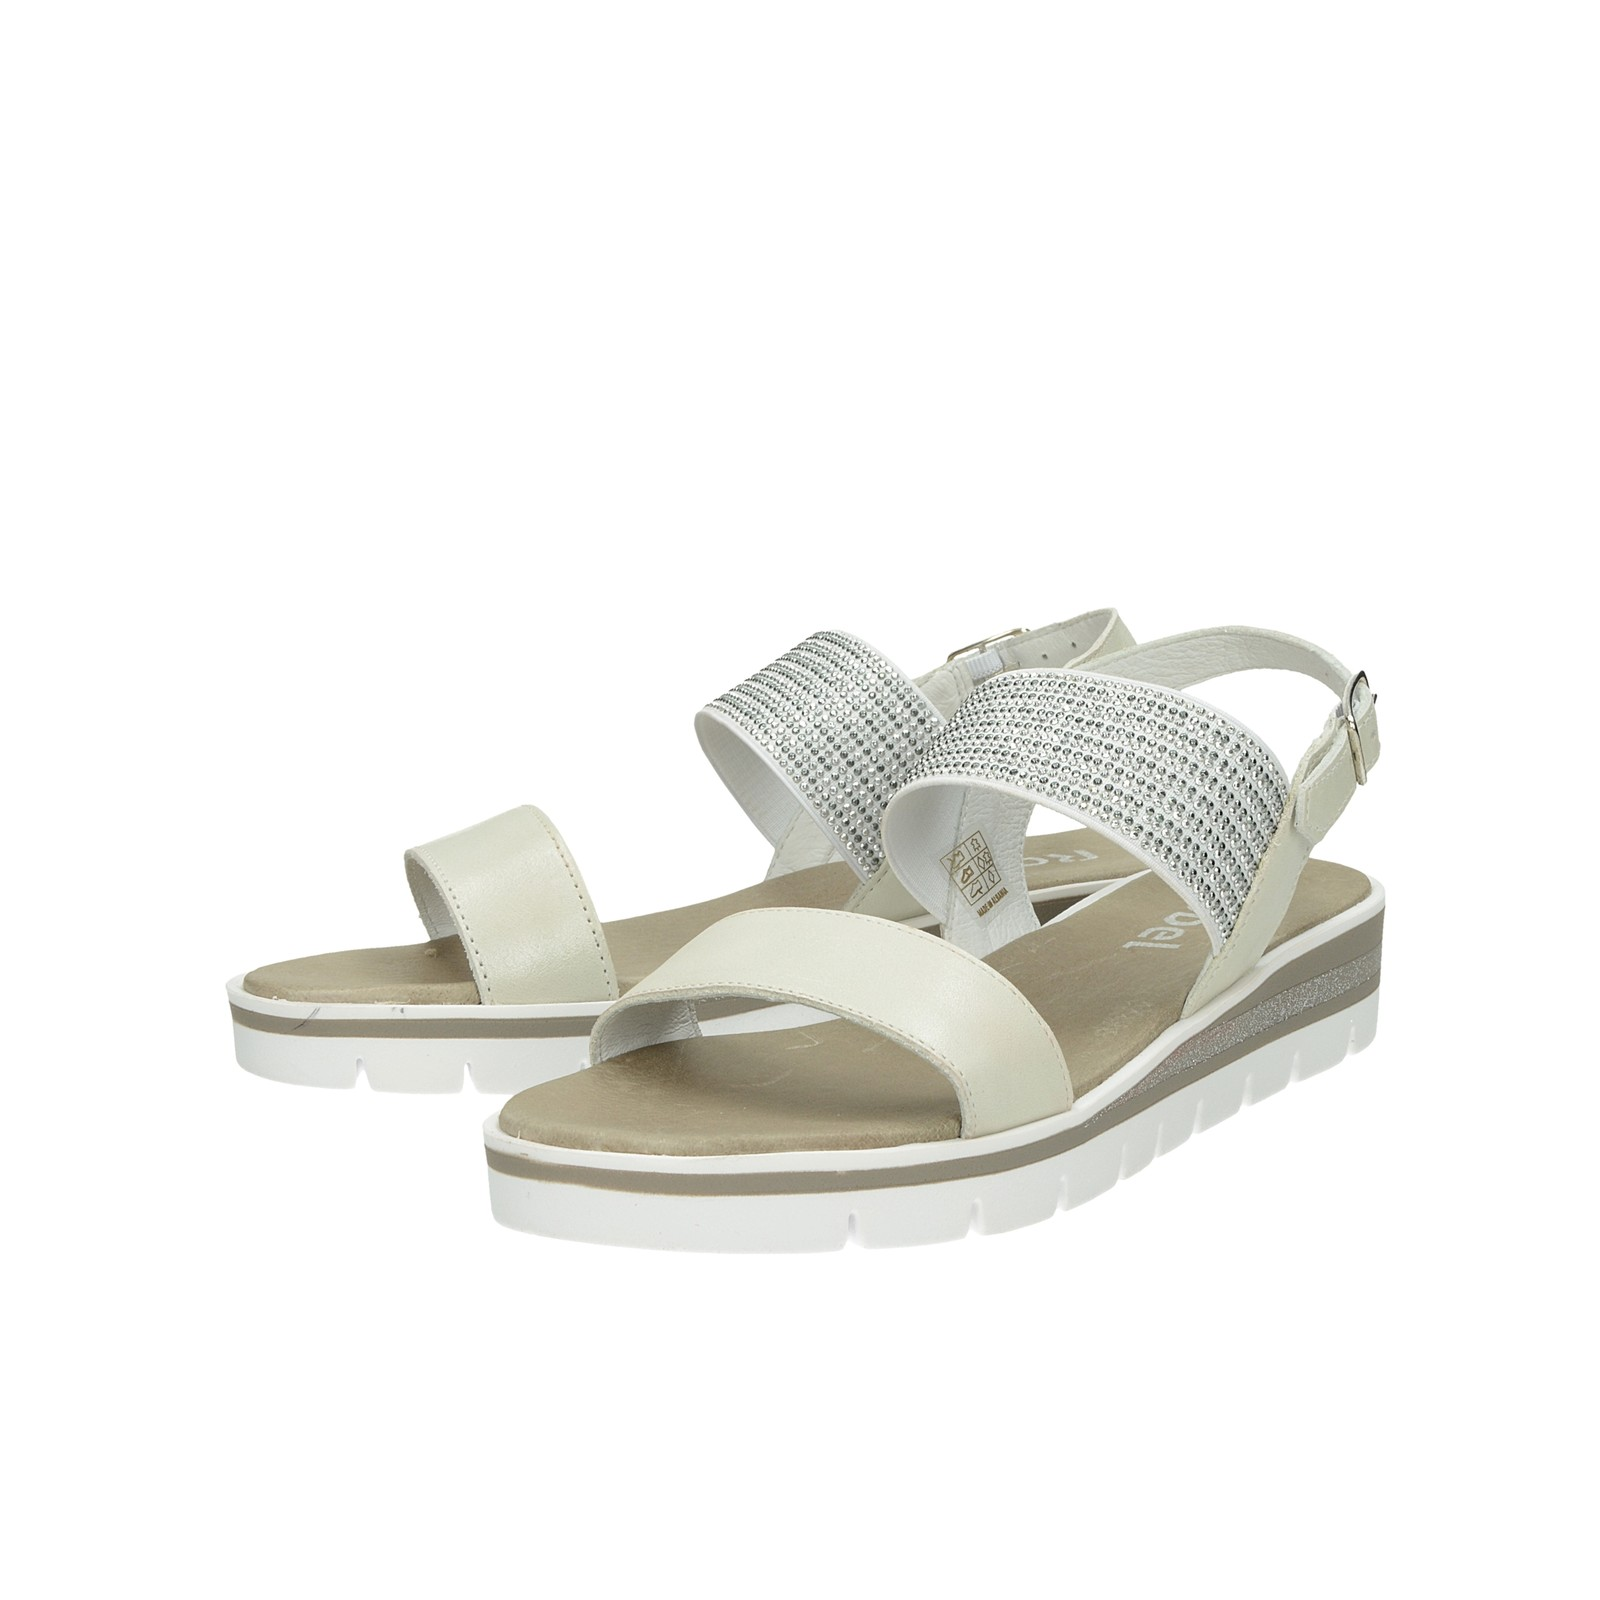 670e61285edb Robel dámske sandále s ozdobnými kamienkami - béžové ...